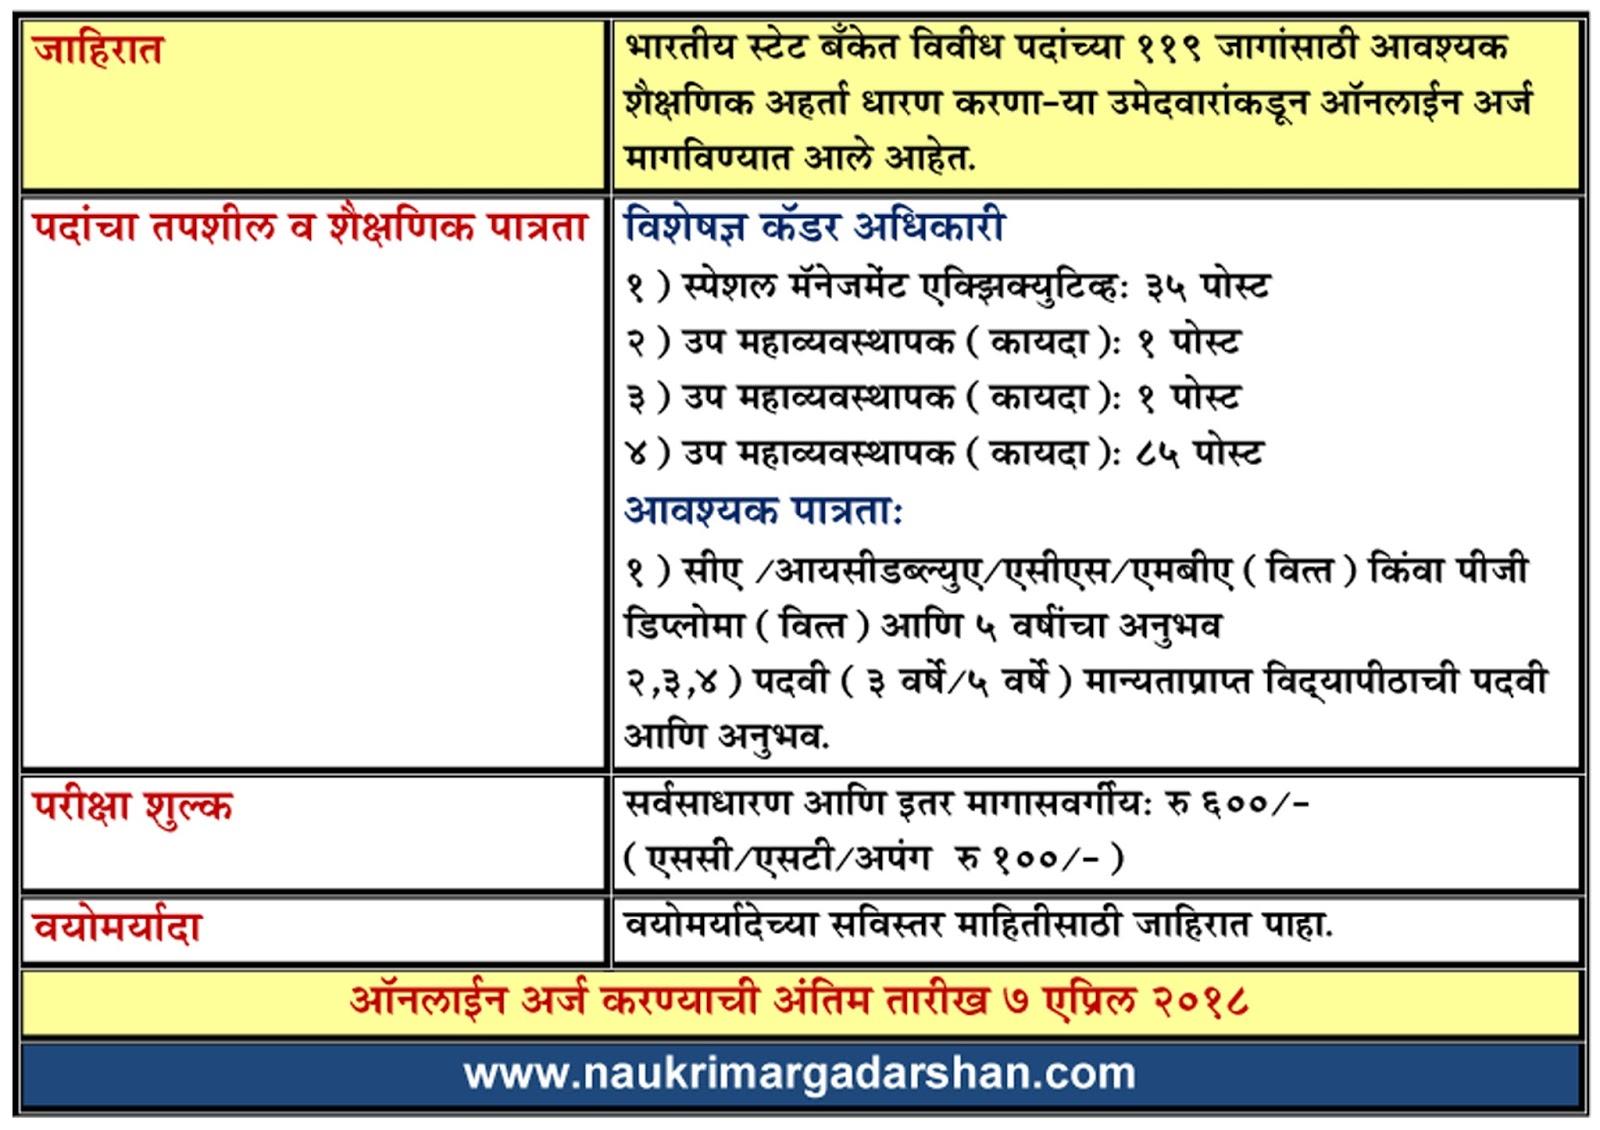 state bank bharti, bank bharti, banking jobs, naukri, bank naukri, sbi naukri